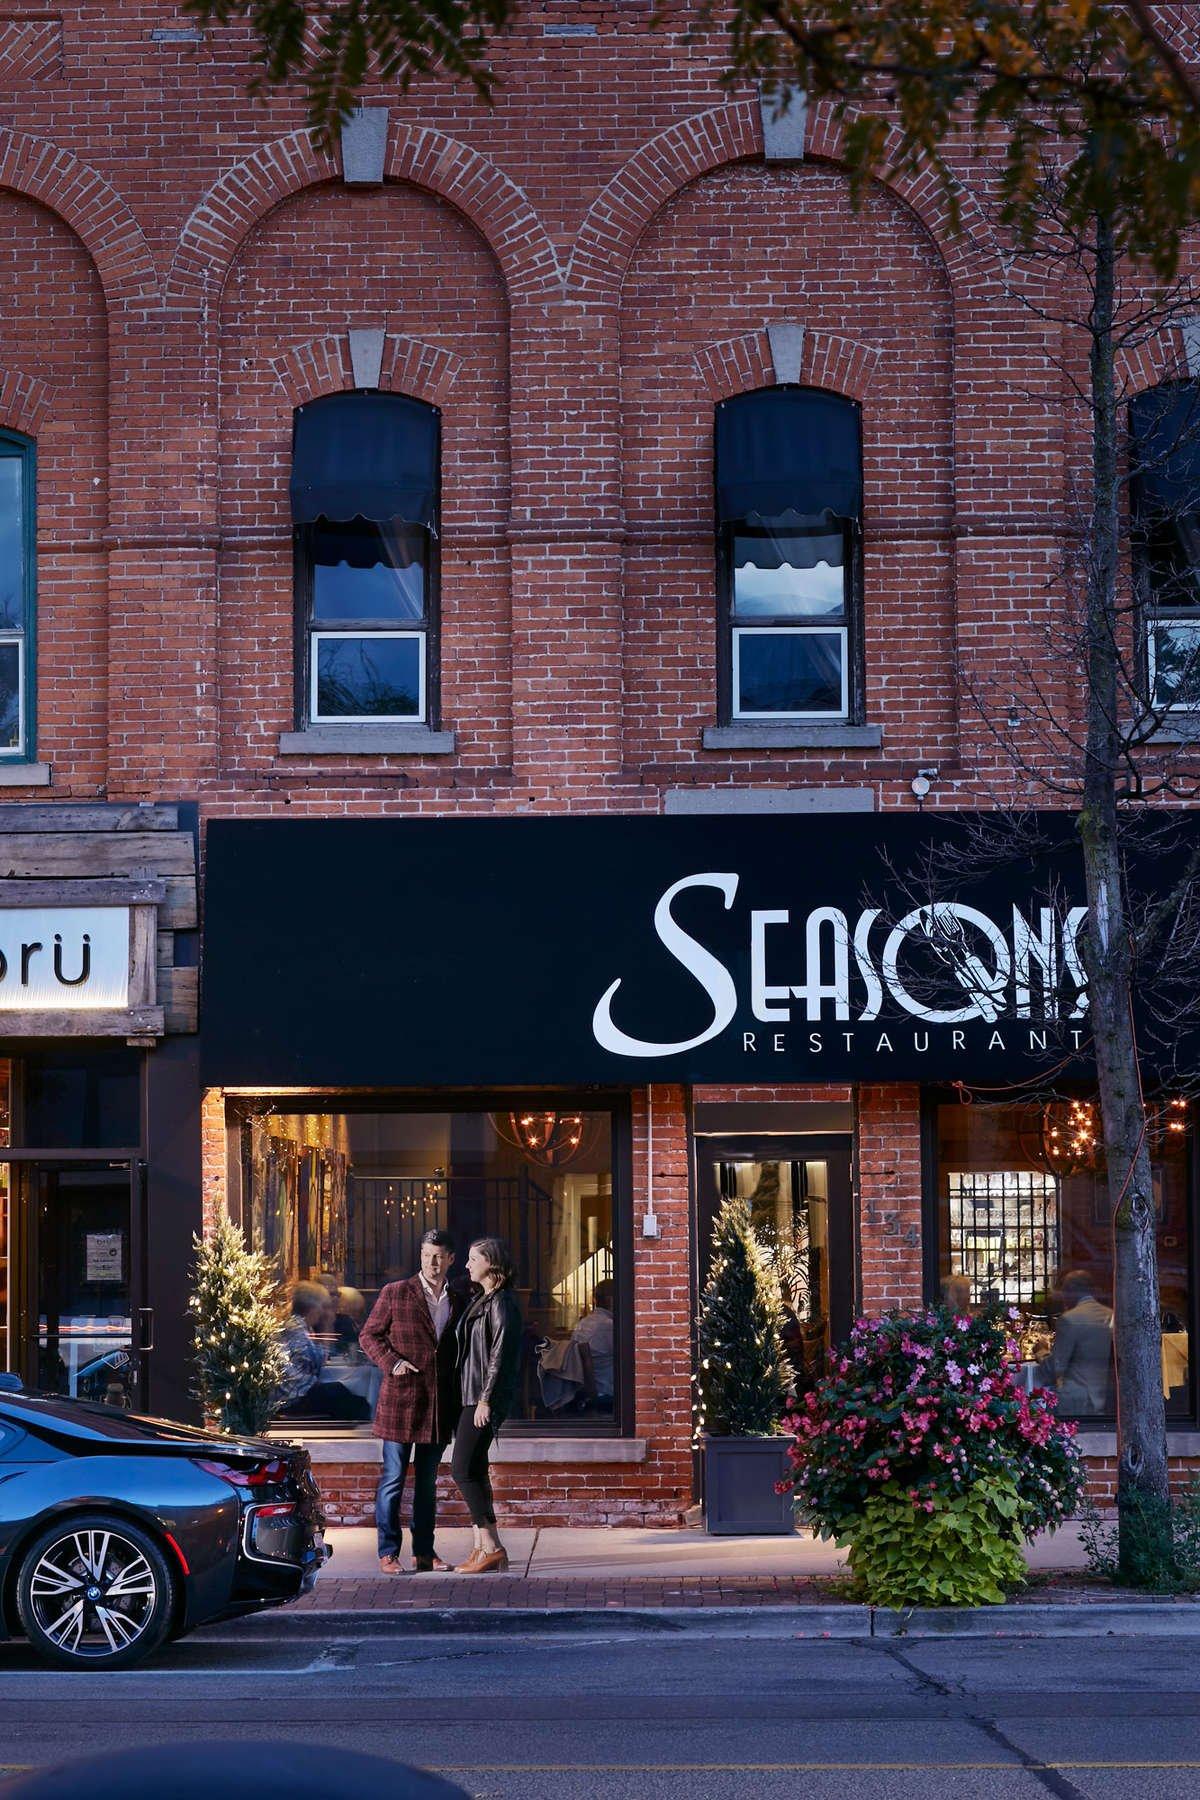 Season's Restaurant - Lalonde's Boutique